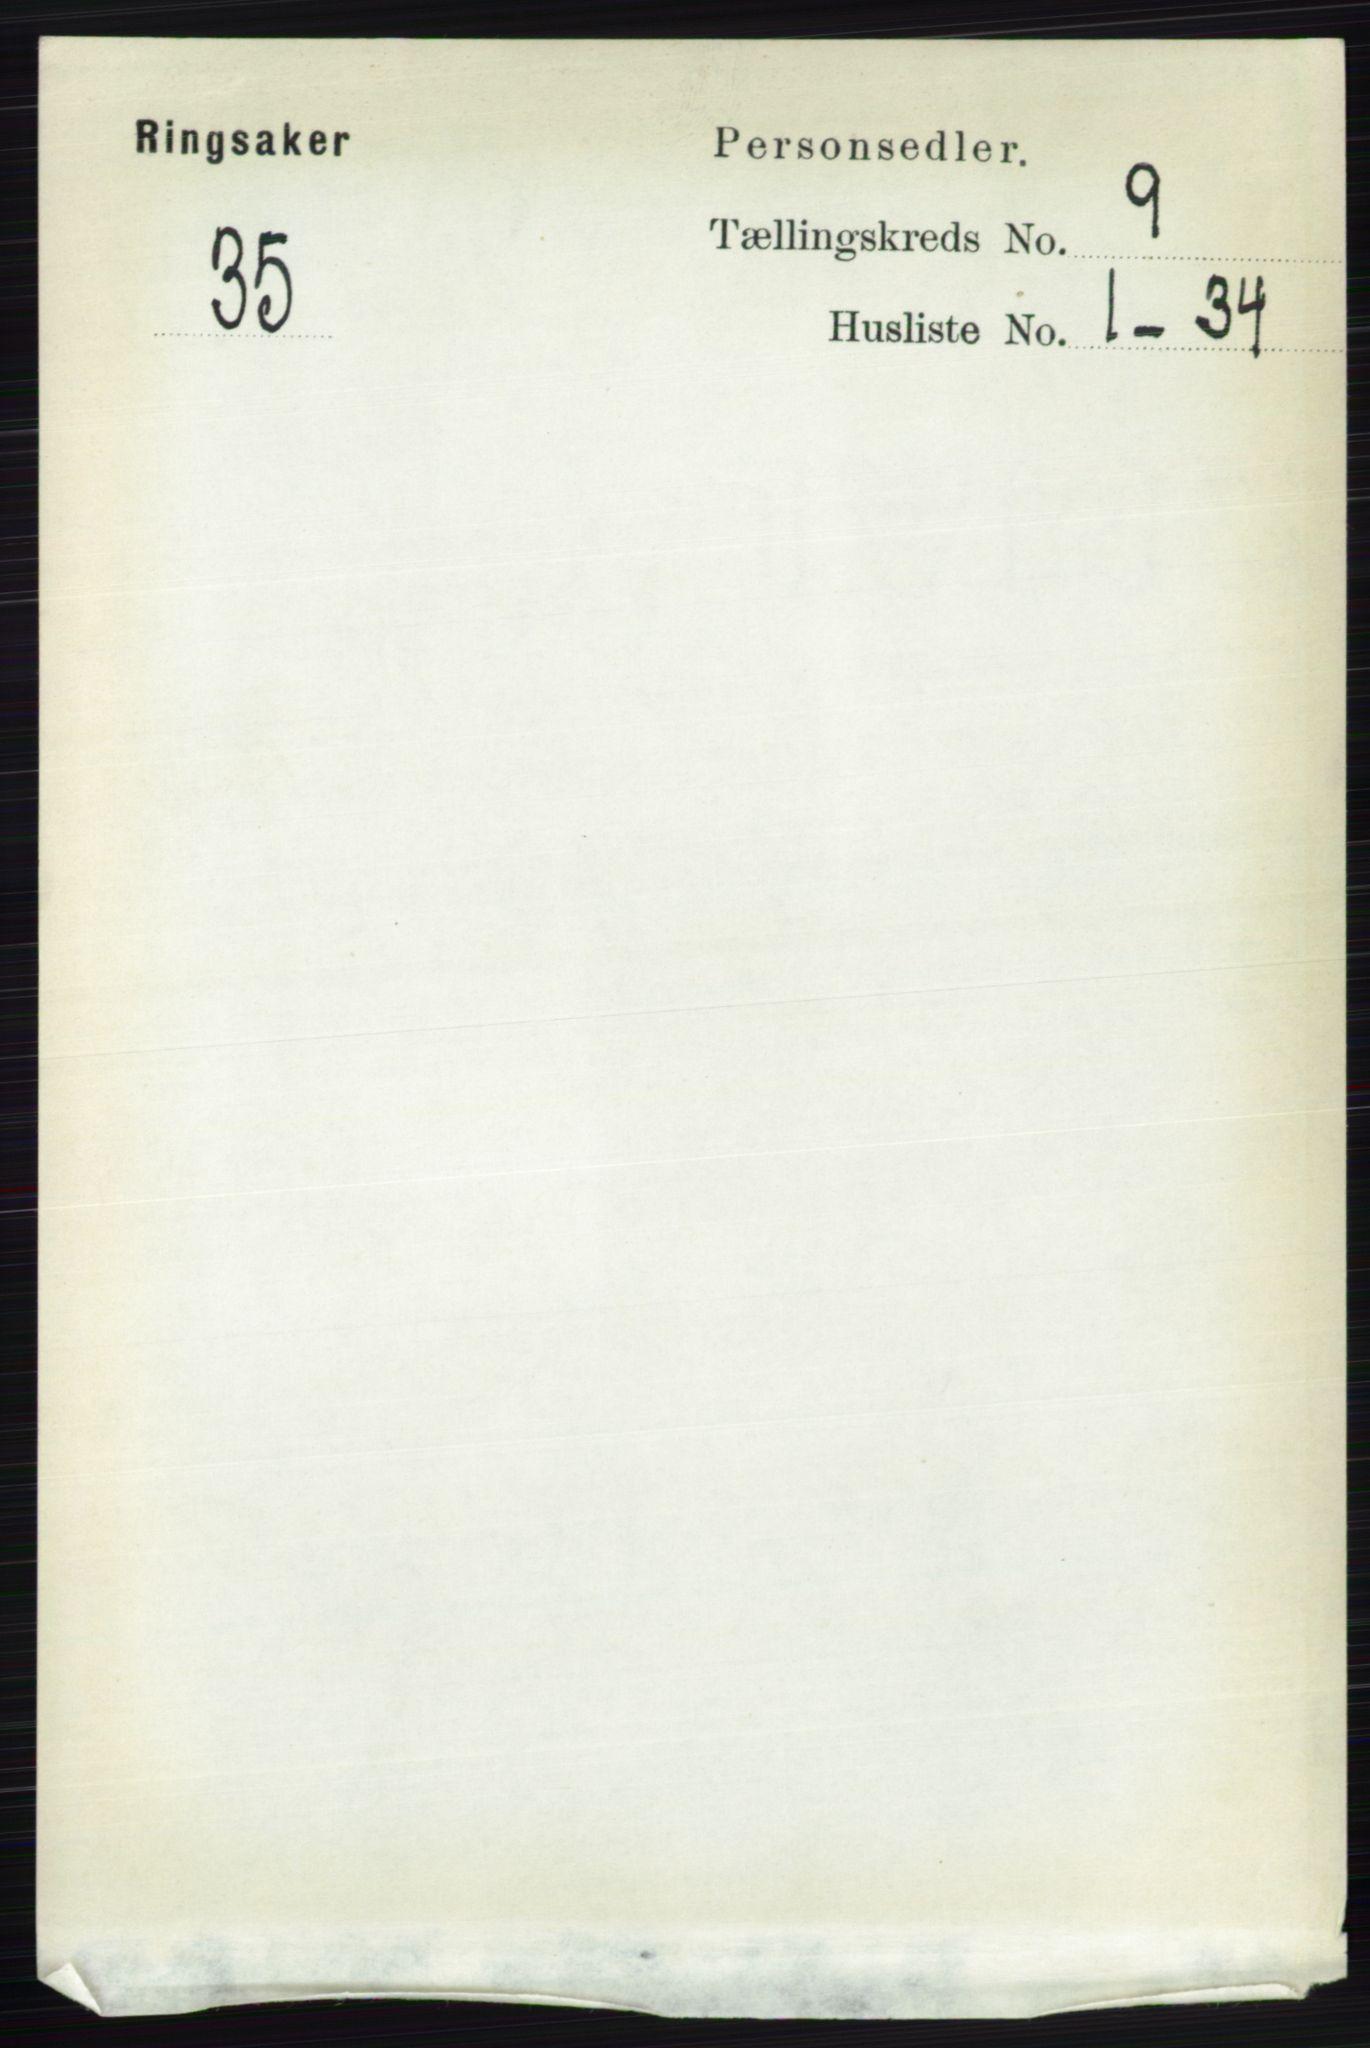 RA, Folketelling 1891 for 0412 Ringsaker herred, 1891, s. 5047